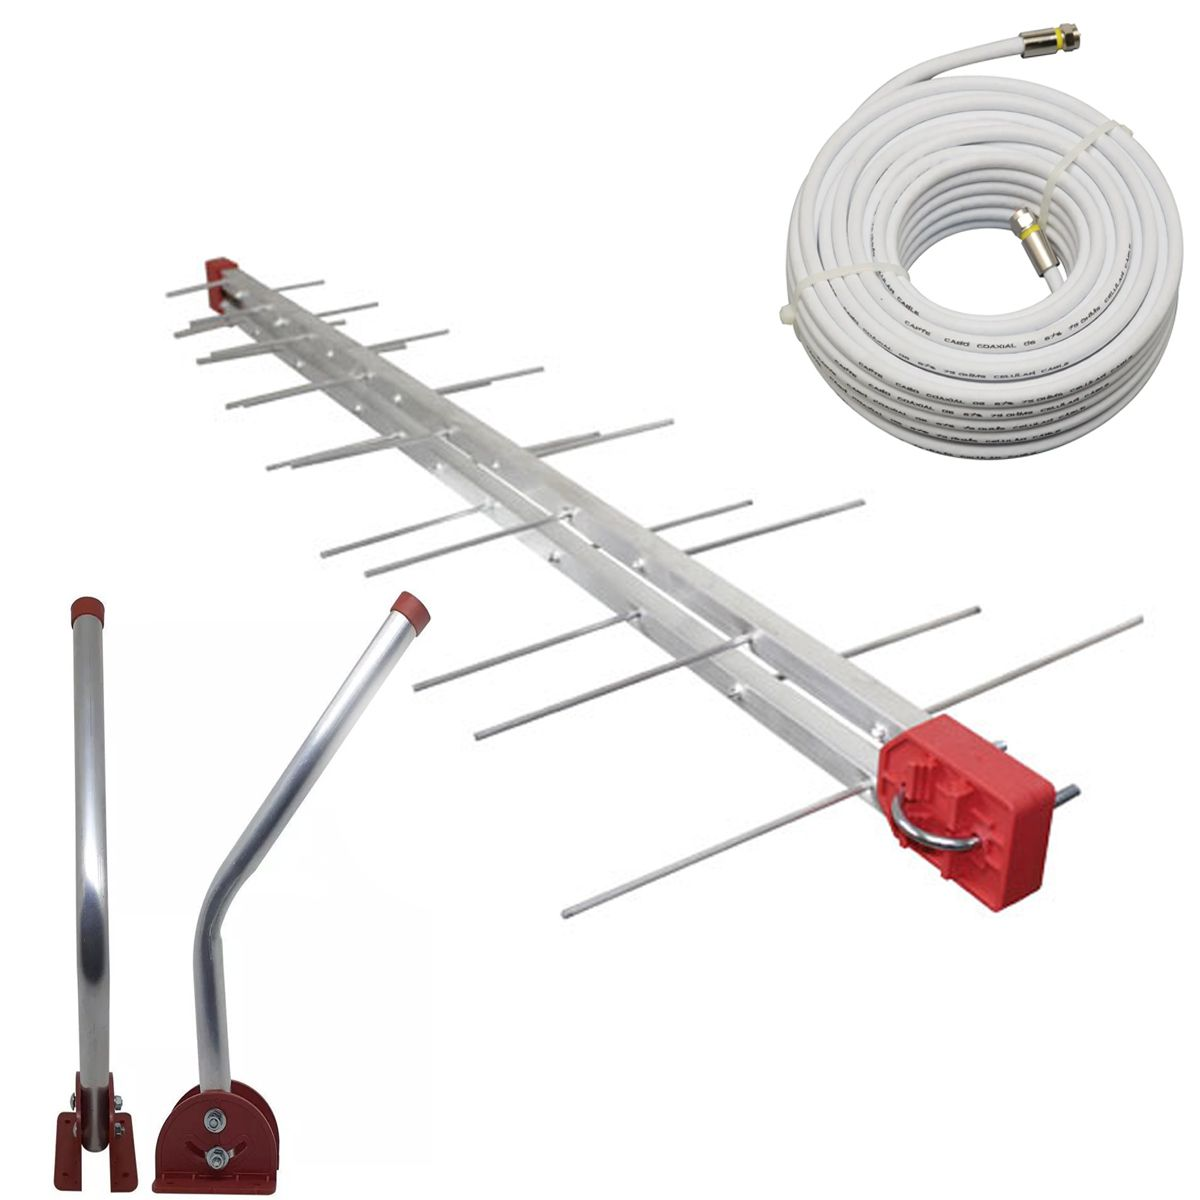 Antena Digital 4K UHF DIGITAL Antena Log 28, Mastro 75 cm e Cabo Coaxial 20m Kit Capte